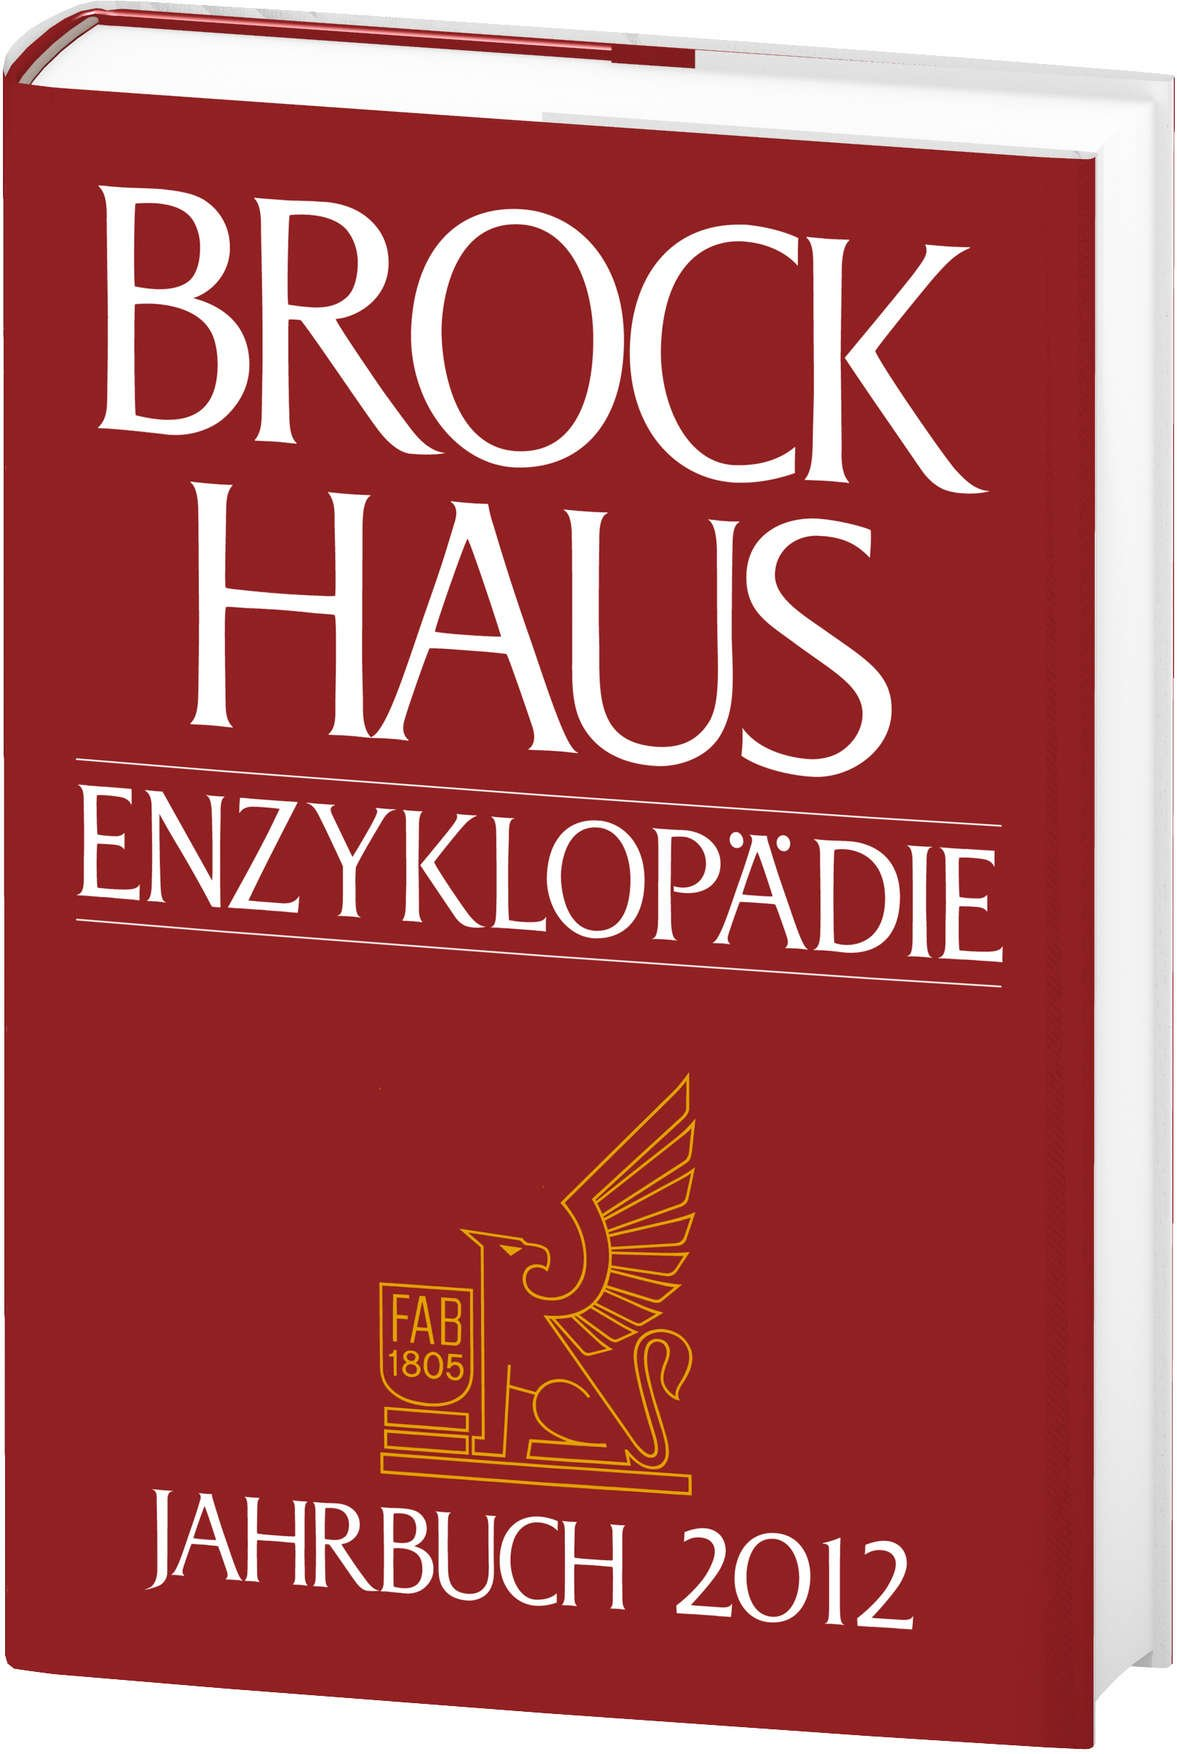 Brockhaus Enzyklopädie Jahrbuch 2012